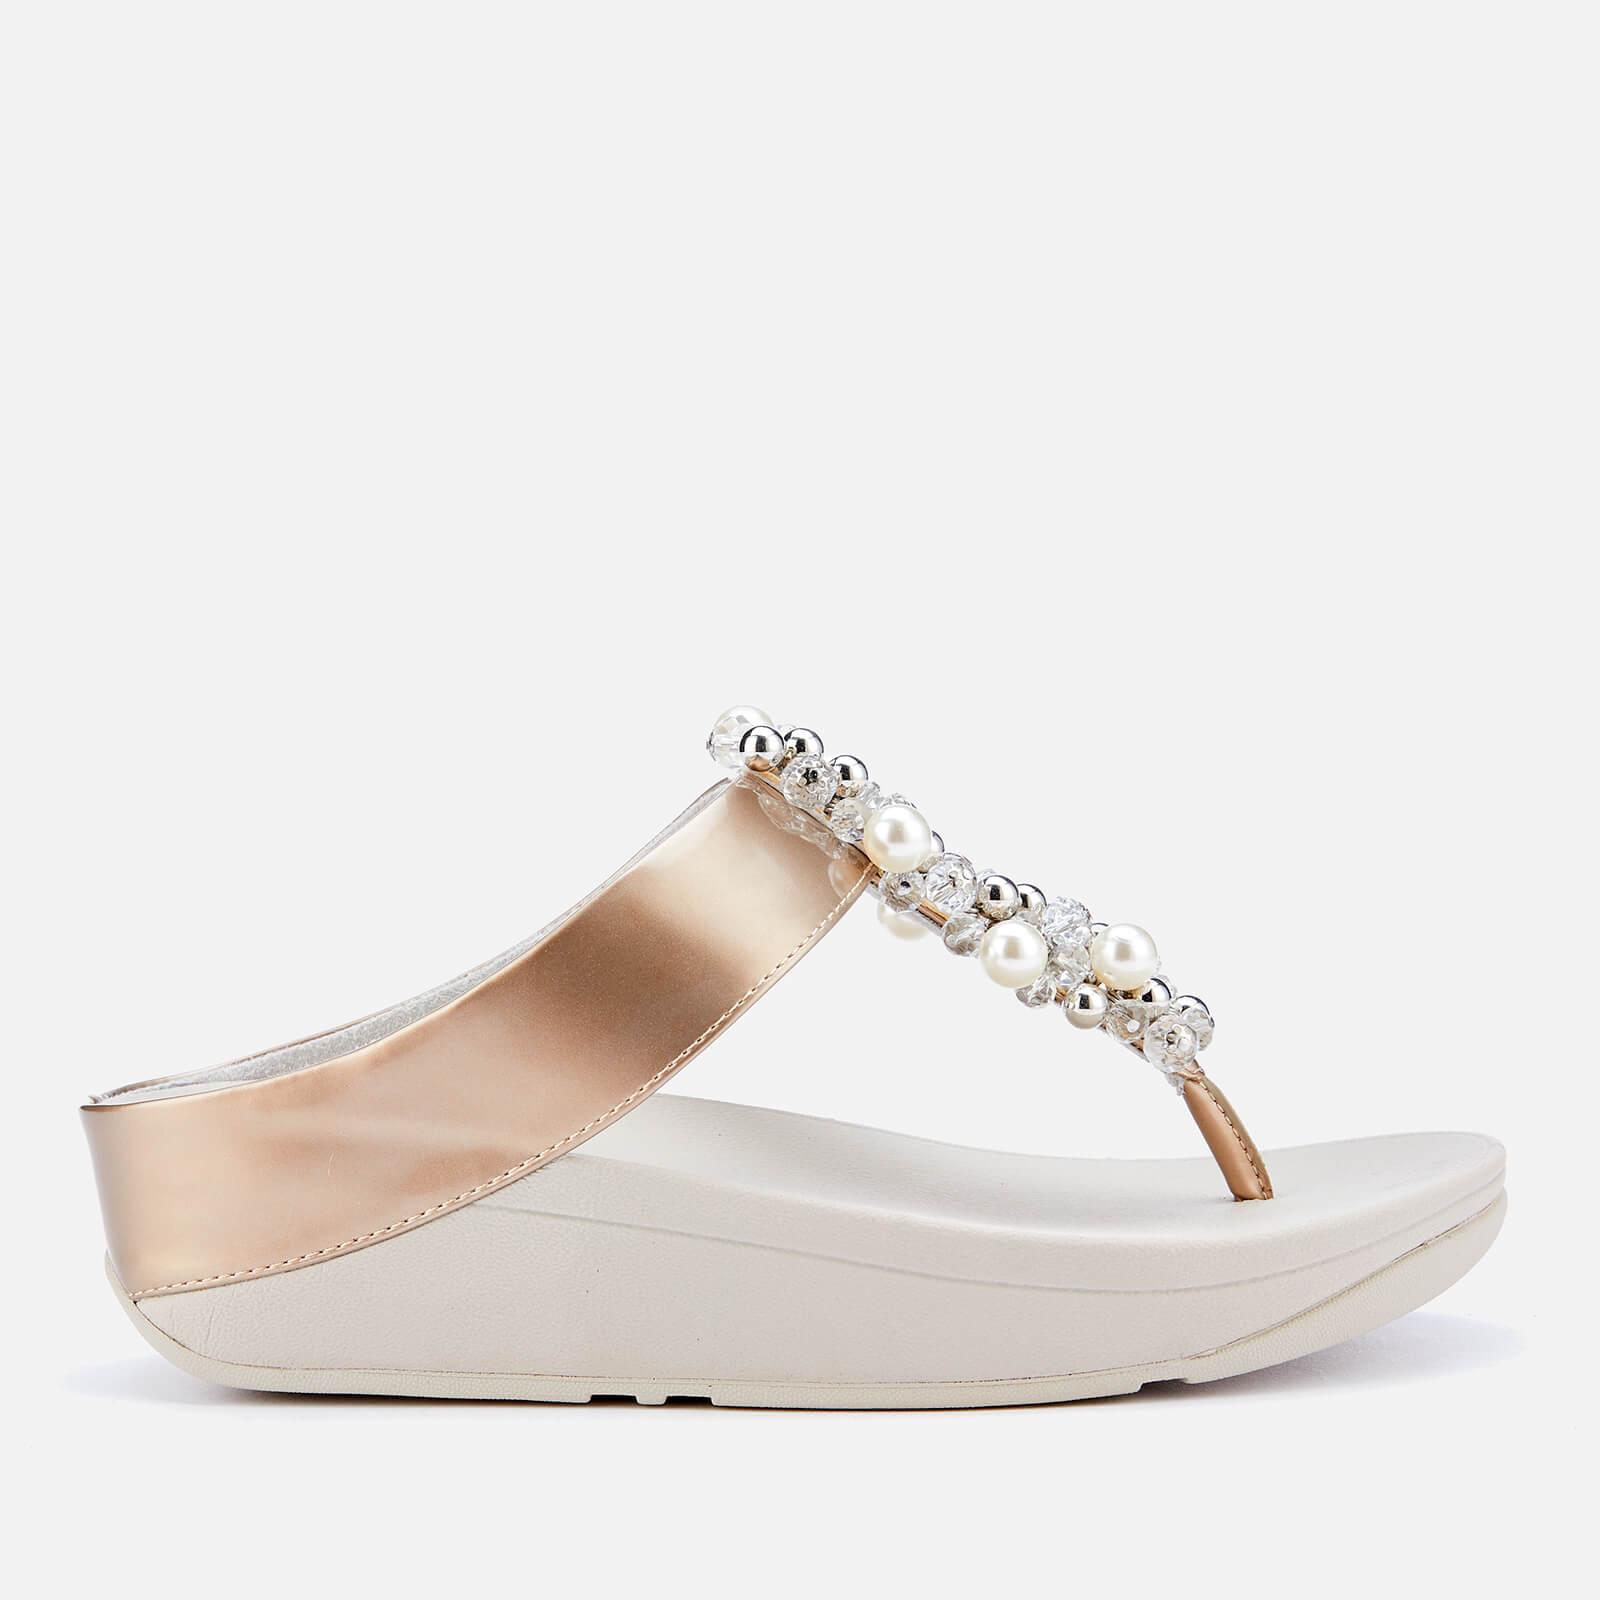 c6fdc5597 FitFlop Women s Deco Toe Post Sandals - Silver Womens Footwear ...